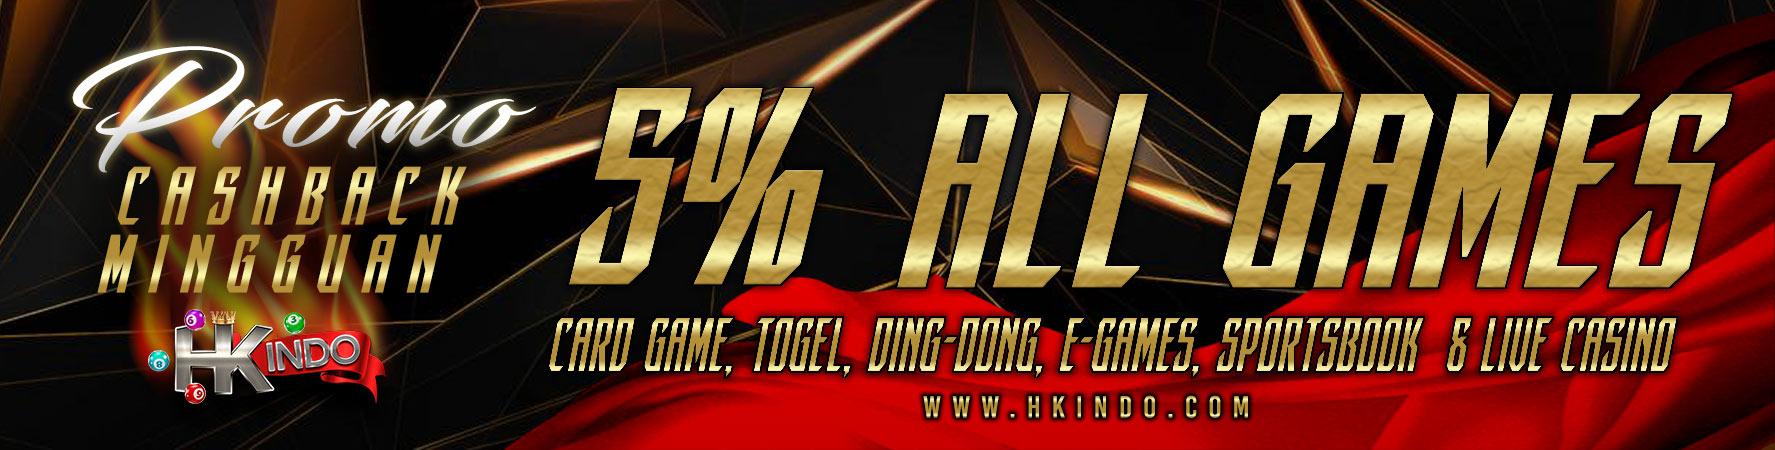 http://hkindo.com/promotion